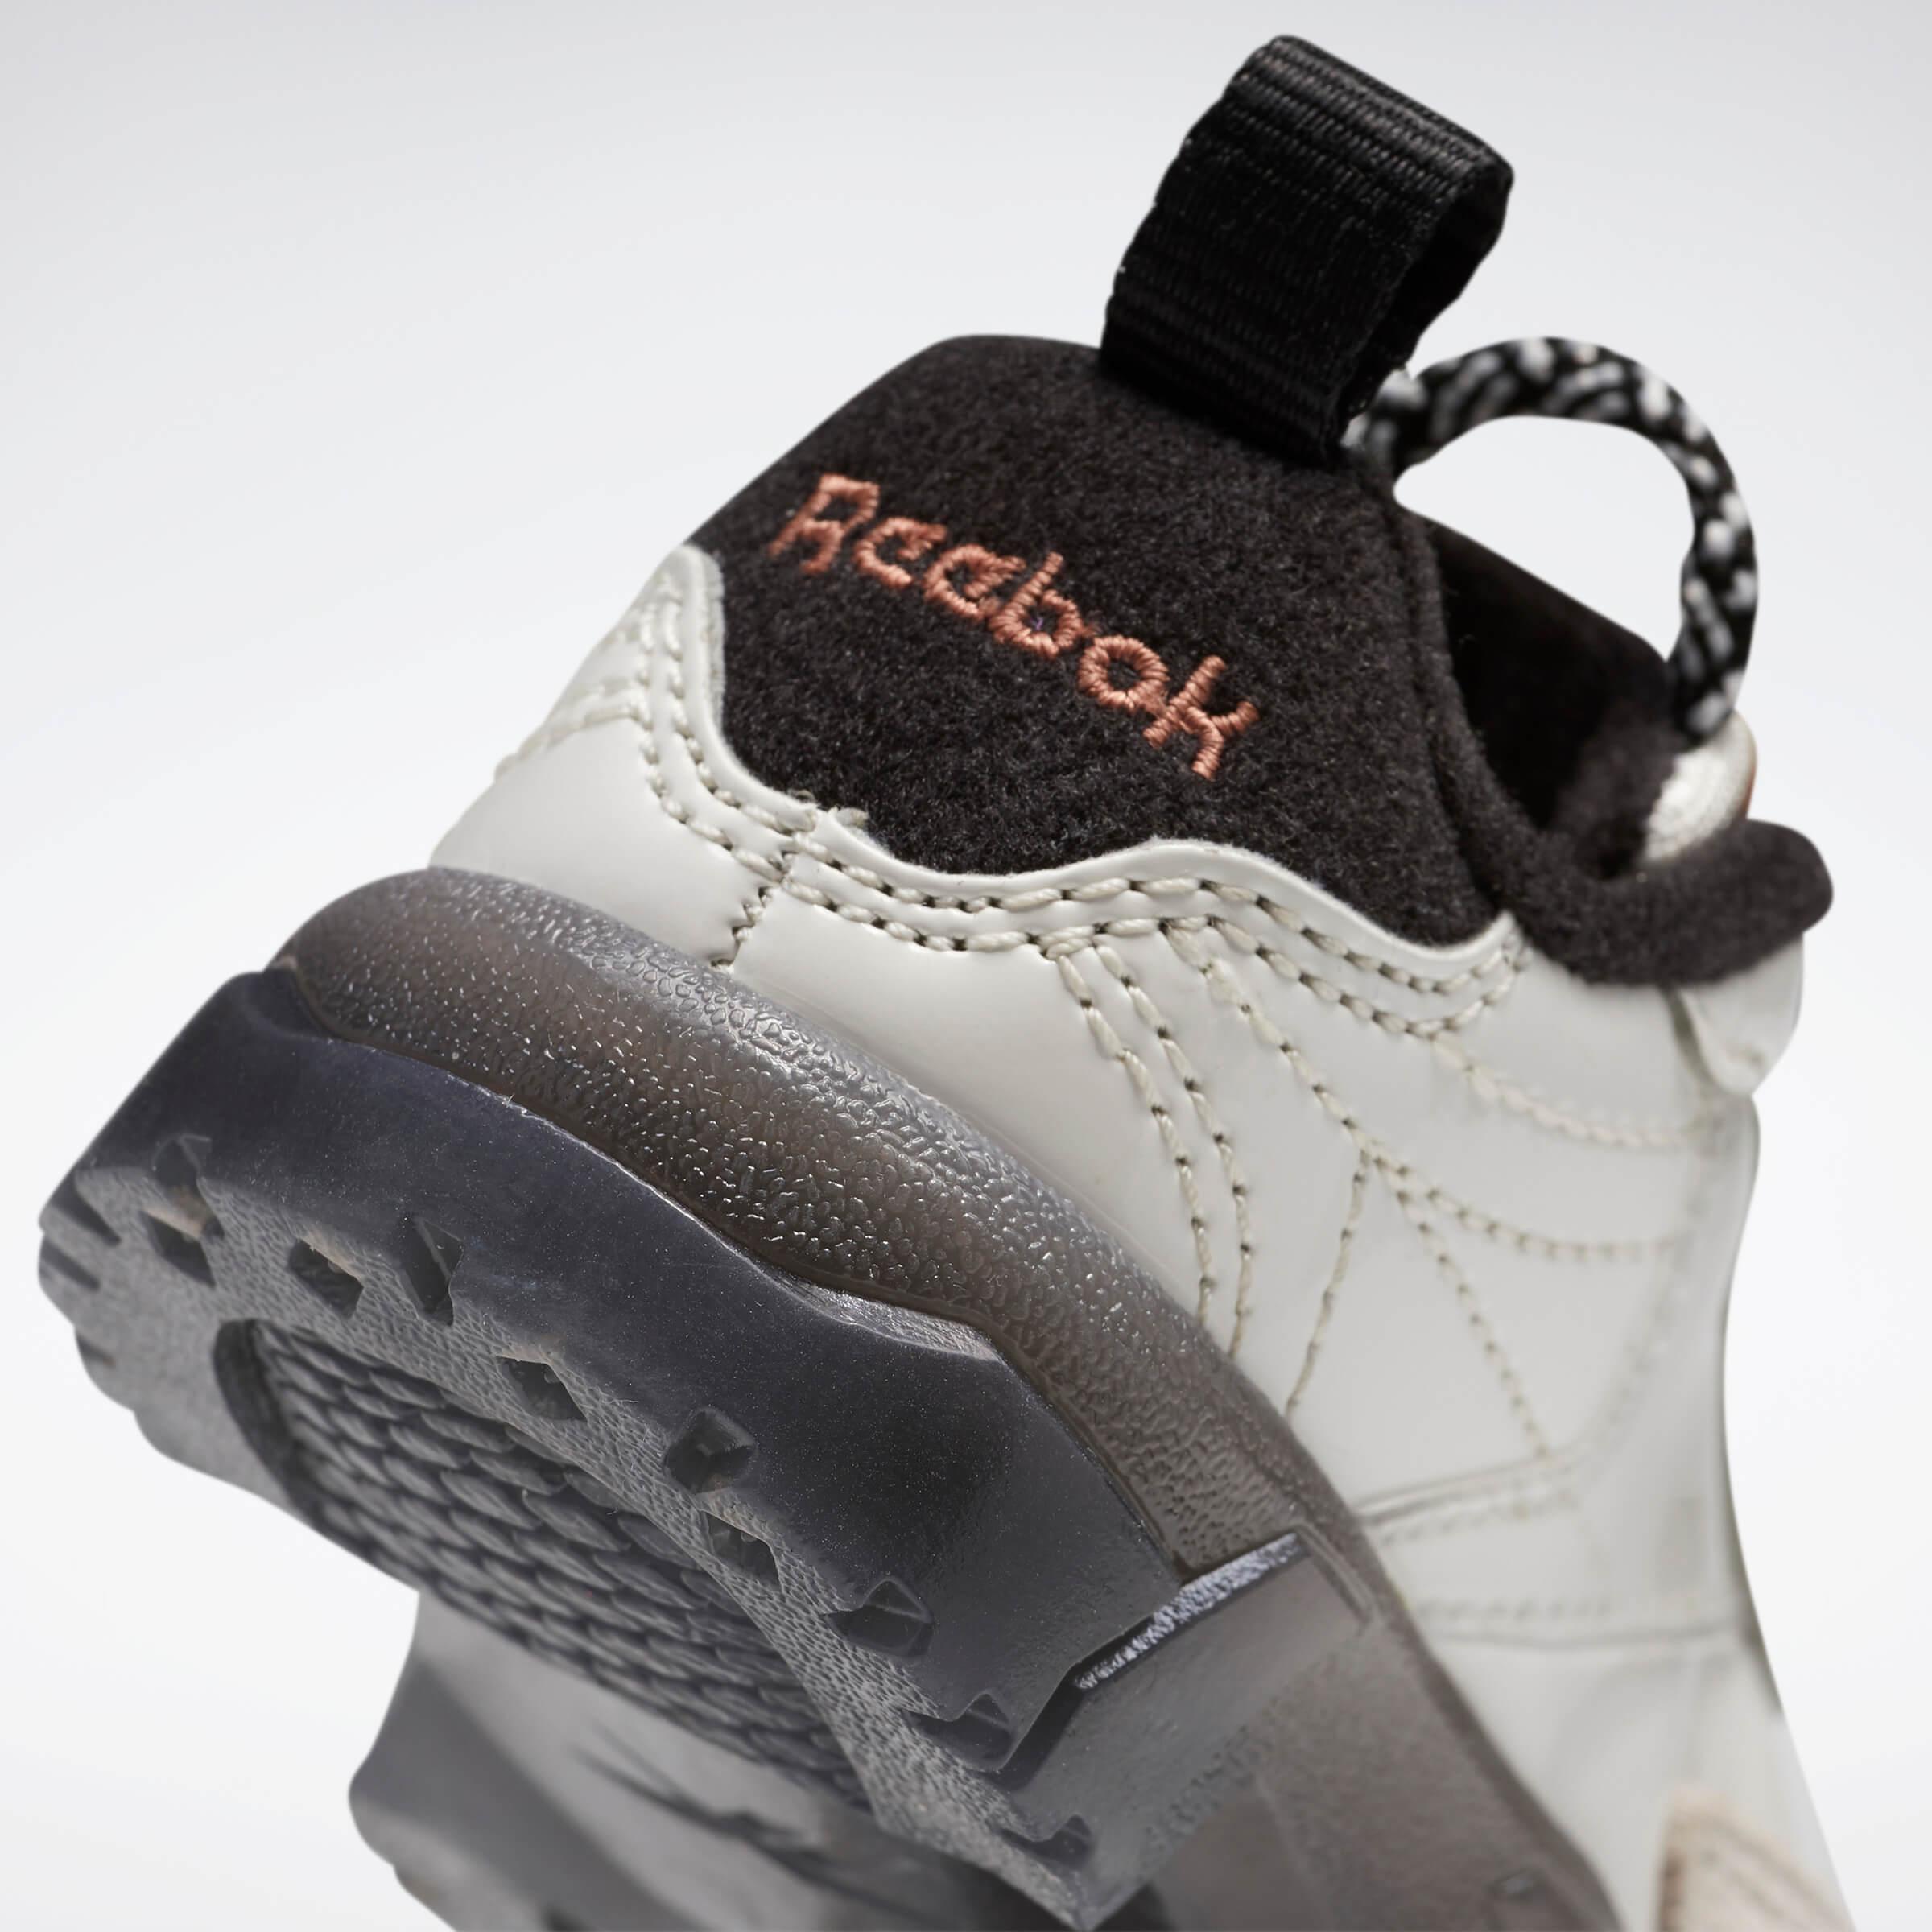 Reebok CLASSIC x Cardi B カーディ・B クラブ シー Cardi B Club C Shoes コラボ product heel